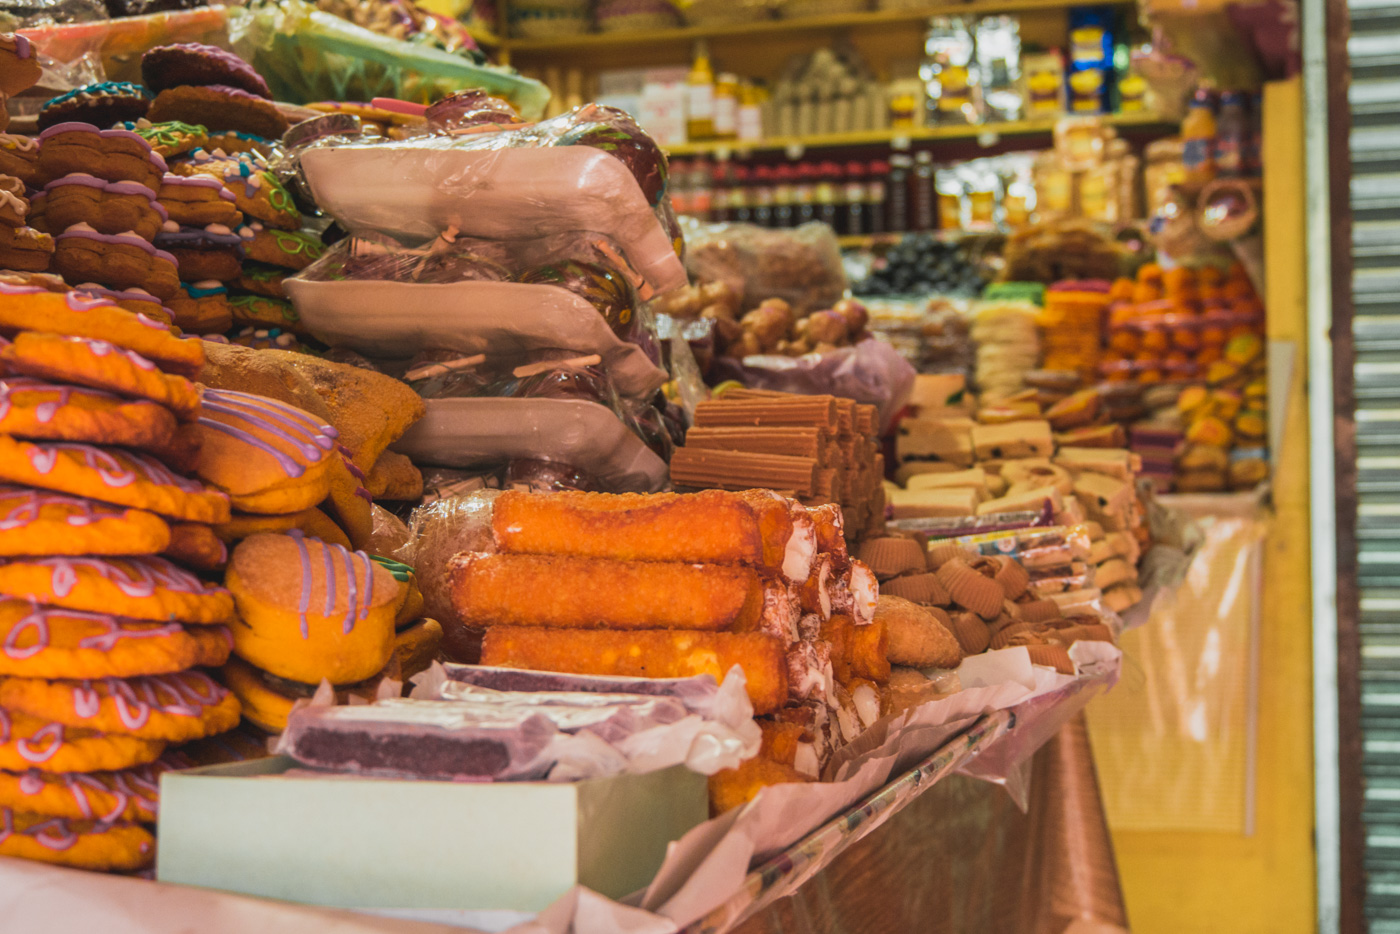 Mercado de Dulces in San Cristobal